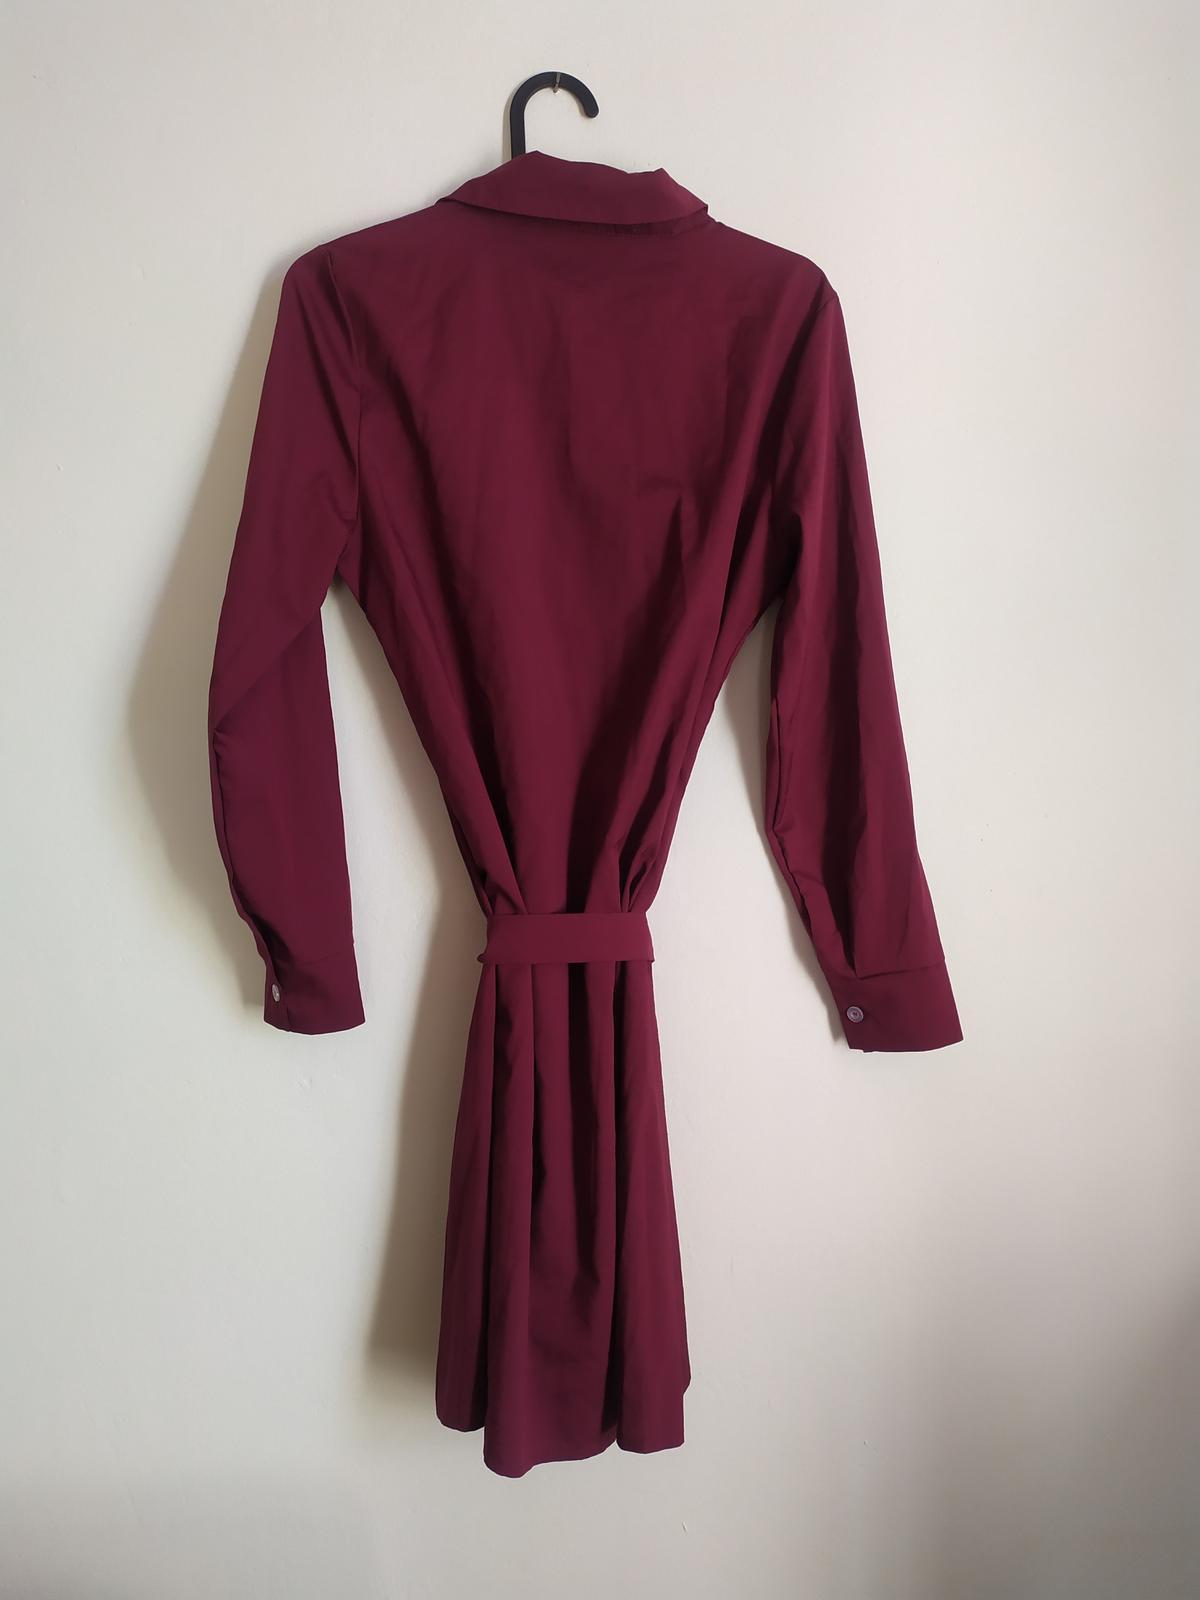 Košilové vínové šaty Erikafashion vel S. - Obrázek č. 3